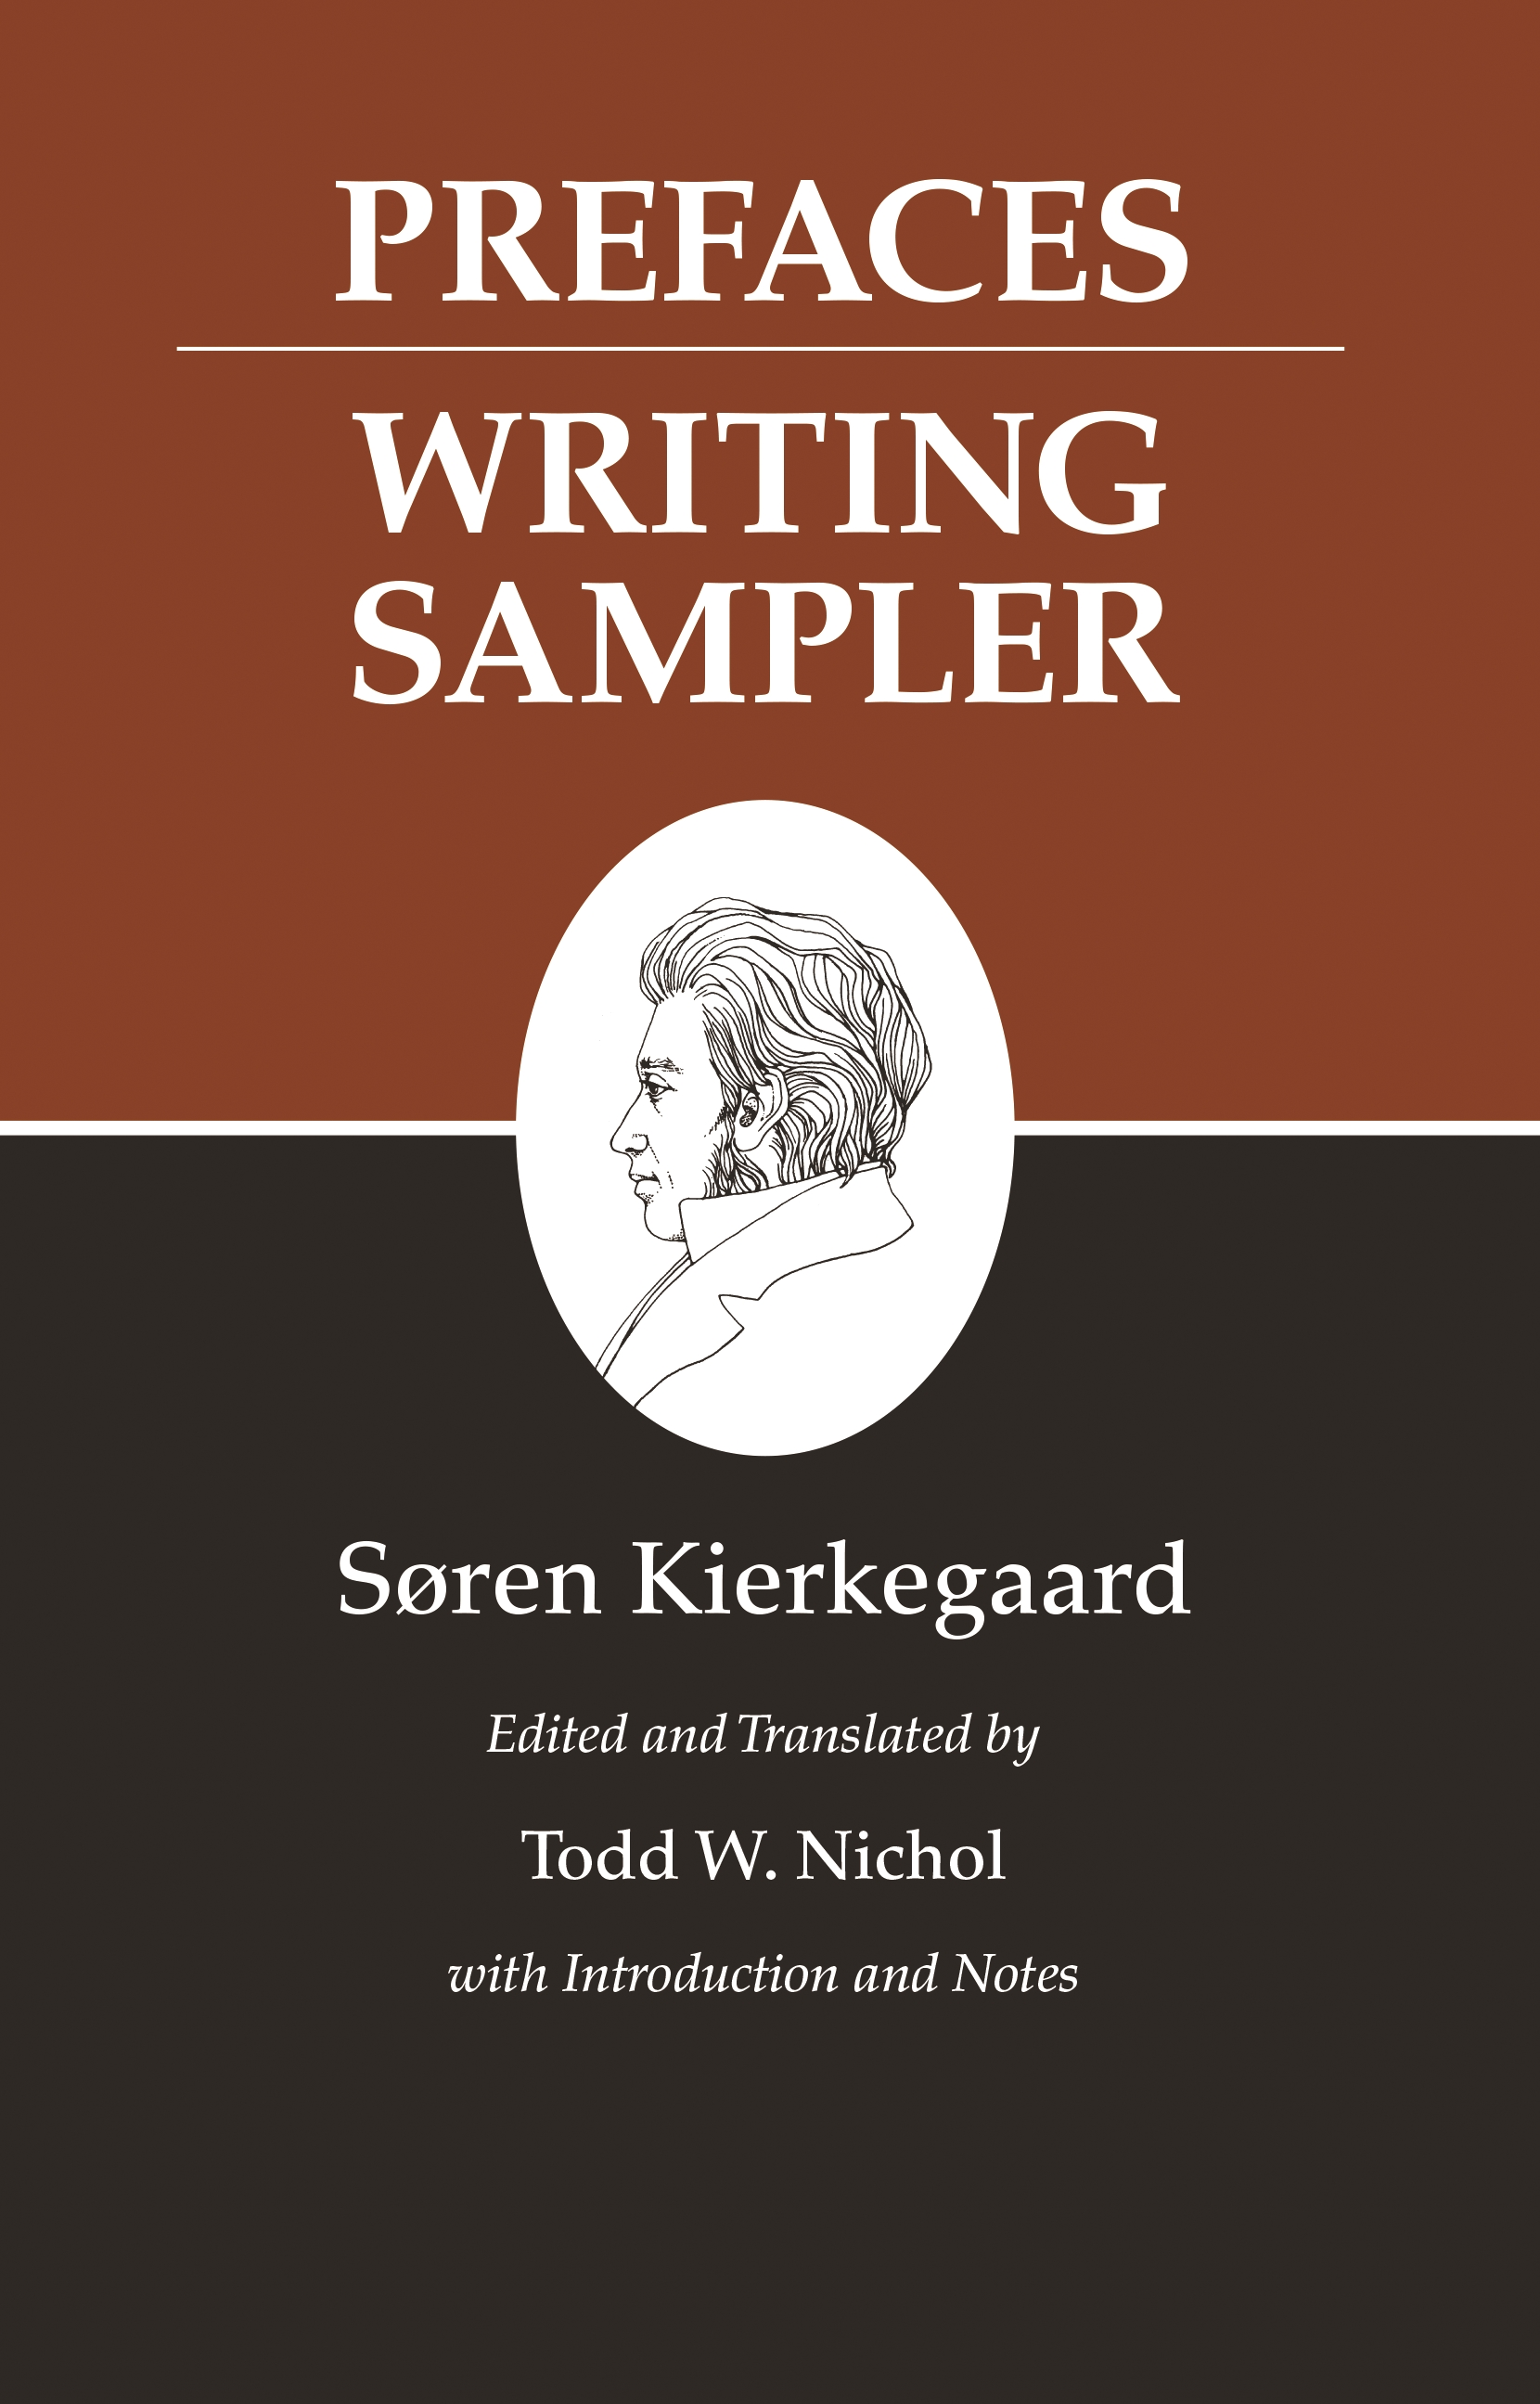 Kierkegaard's Writings, IX, Volume 9: Prefaces: Writing Sampler